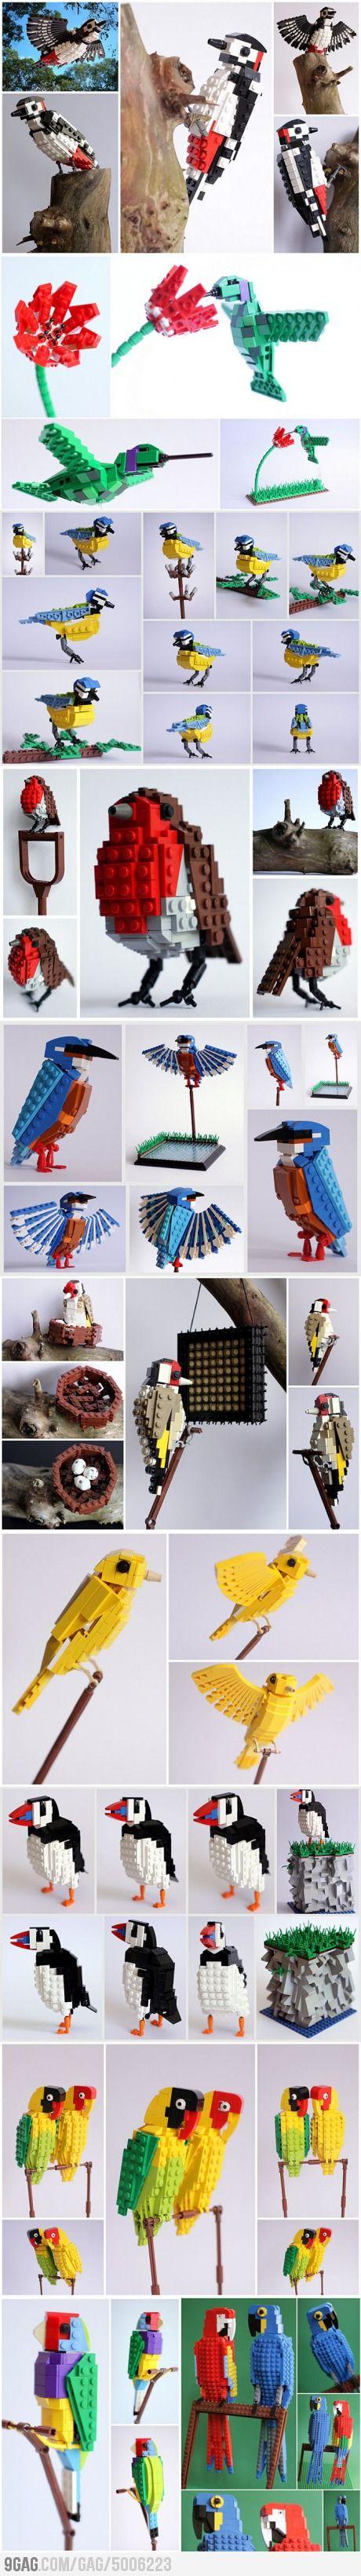 lego vogels